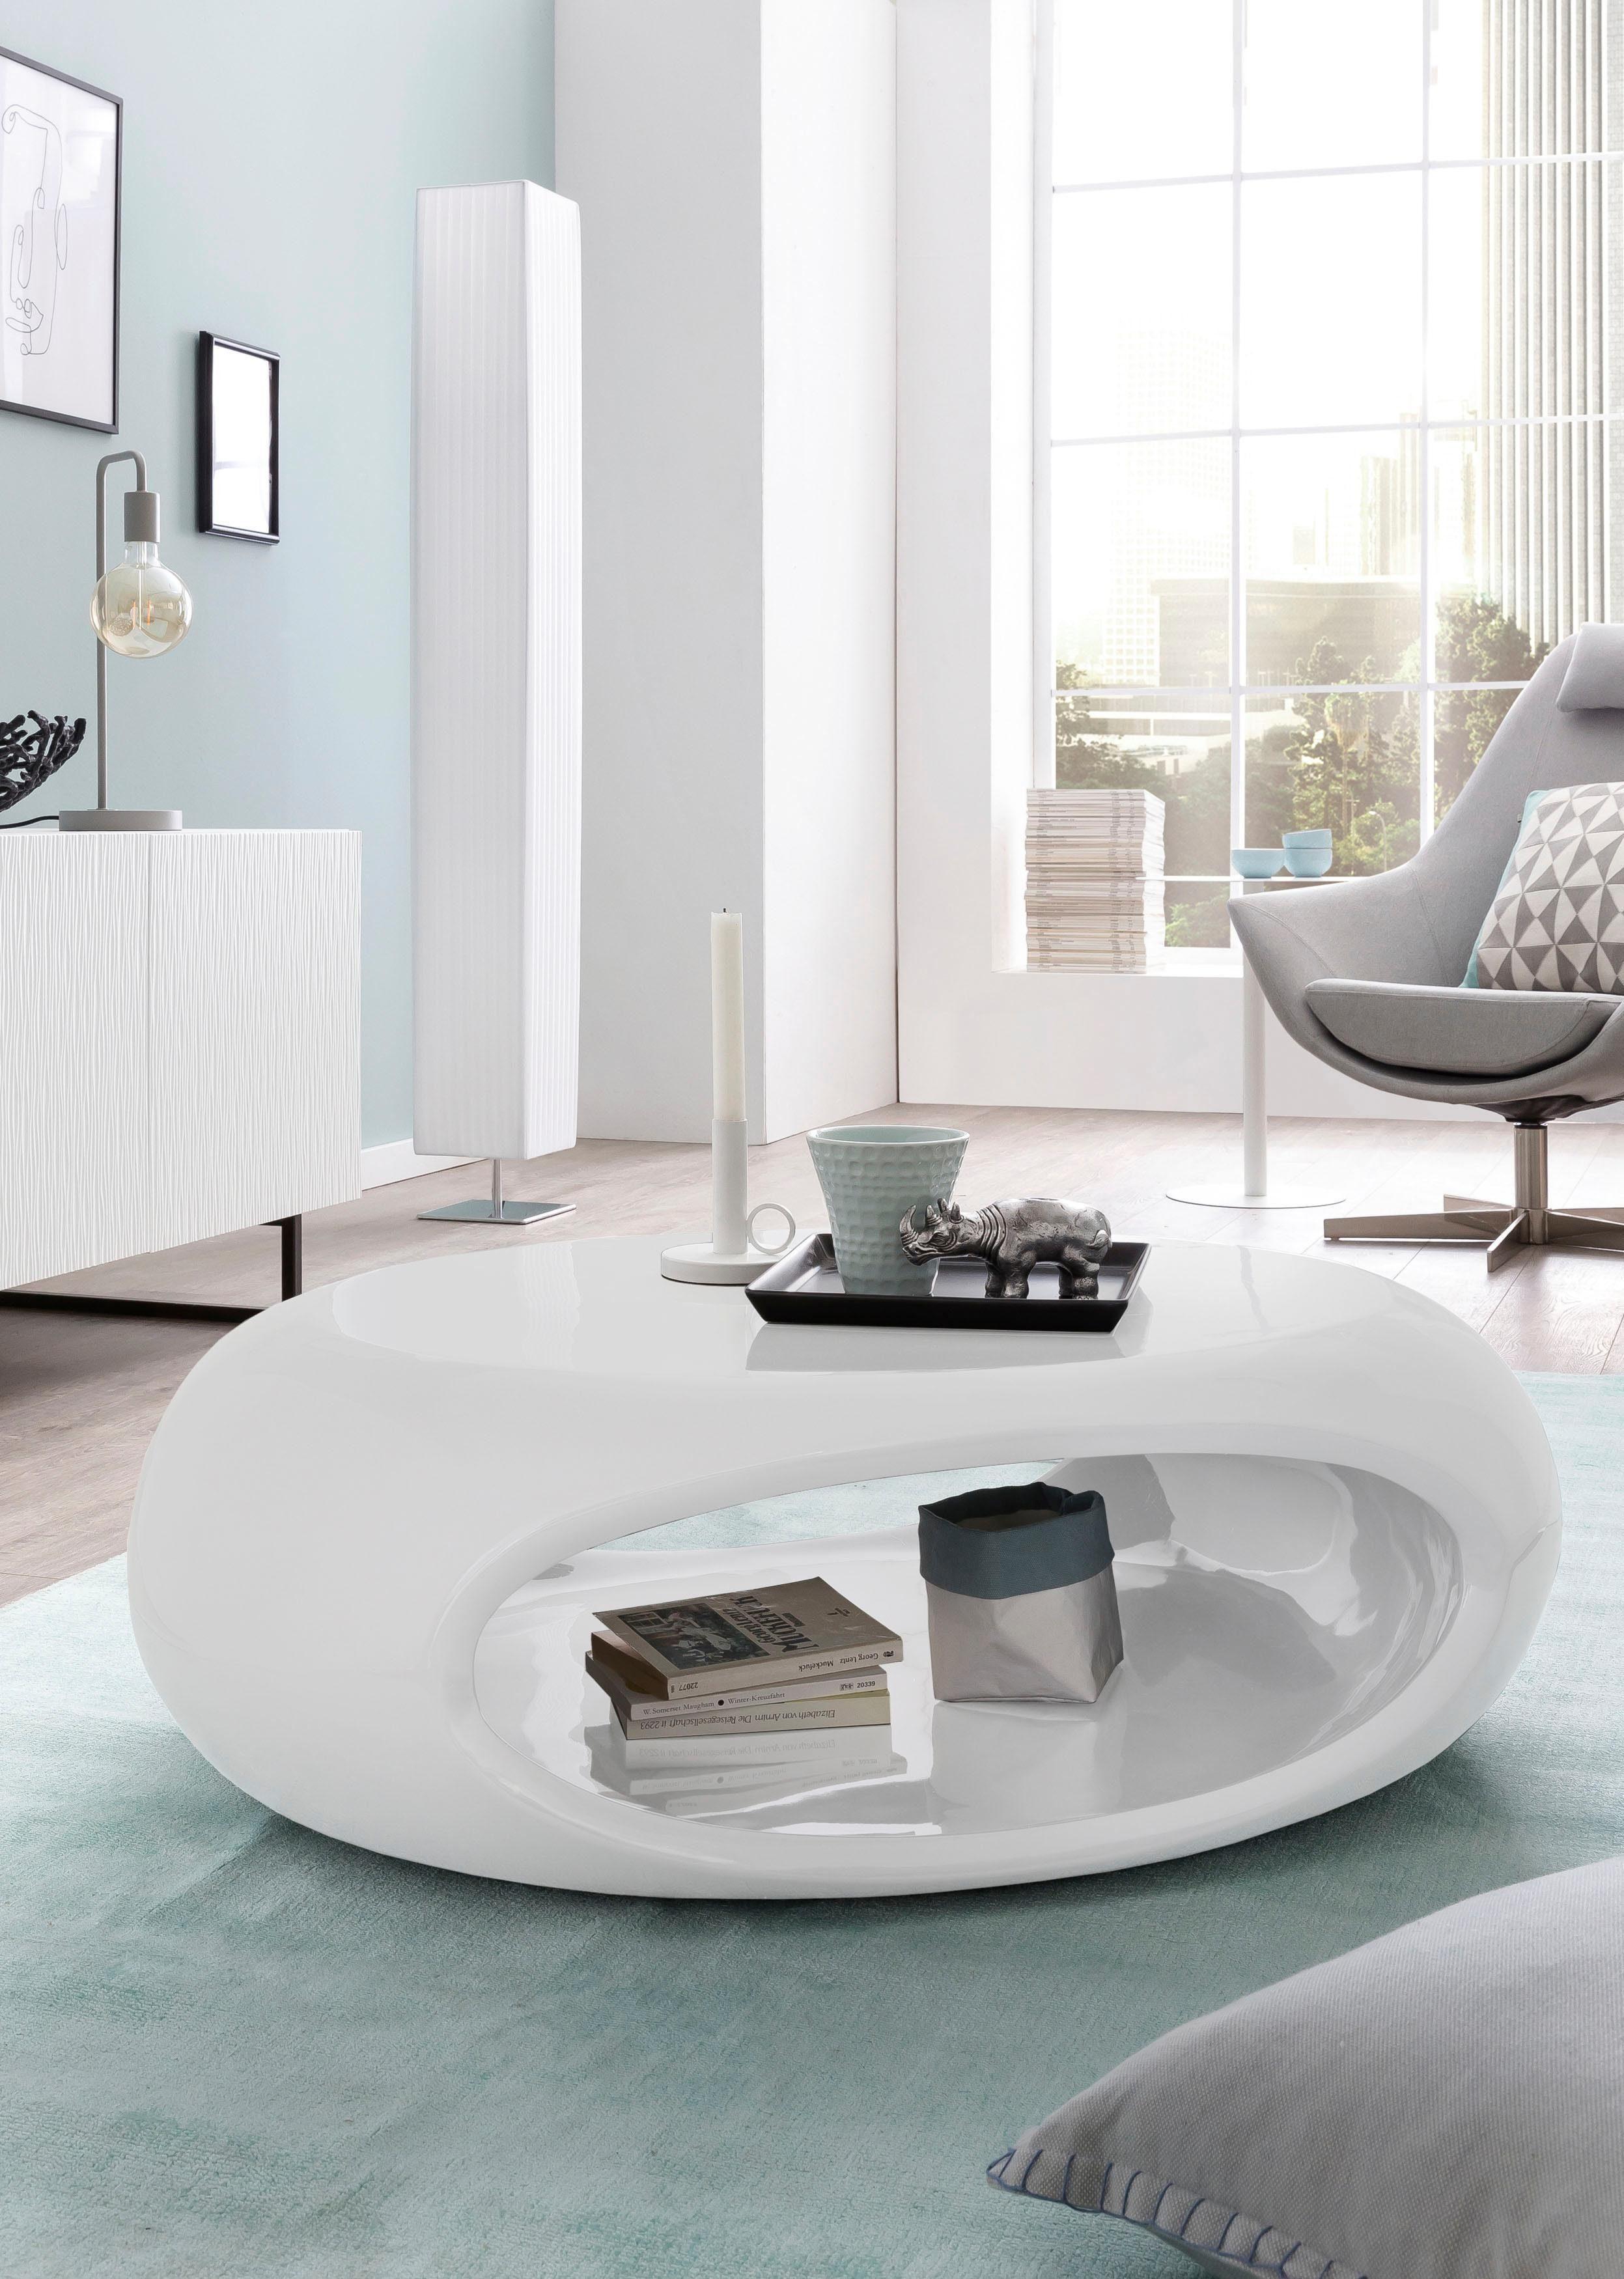 Couchtisch Rund Marmor Otto : couchtisch, marmor, SalesFever, Couchtisch,, Komplett, Hochwertigem, Fiberglas, Online, Kaufen